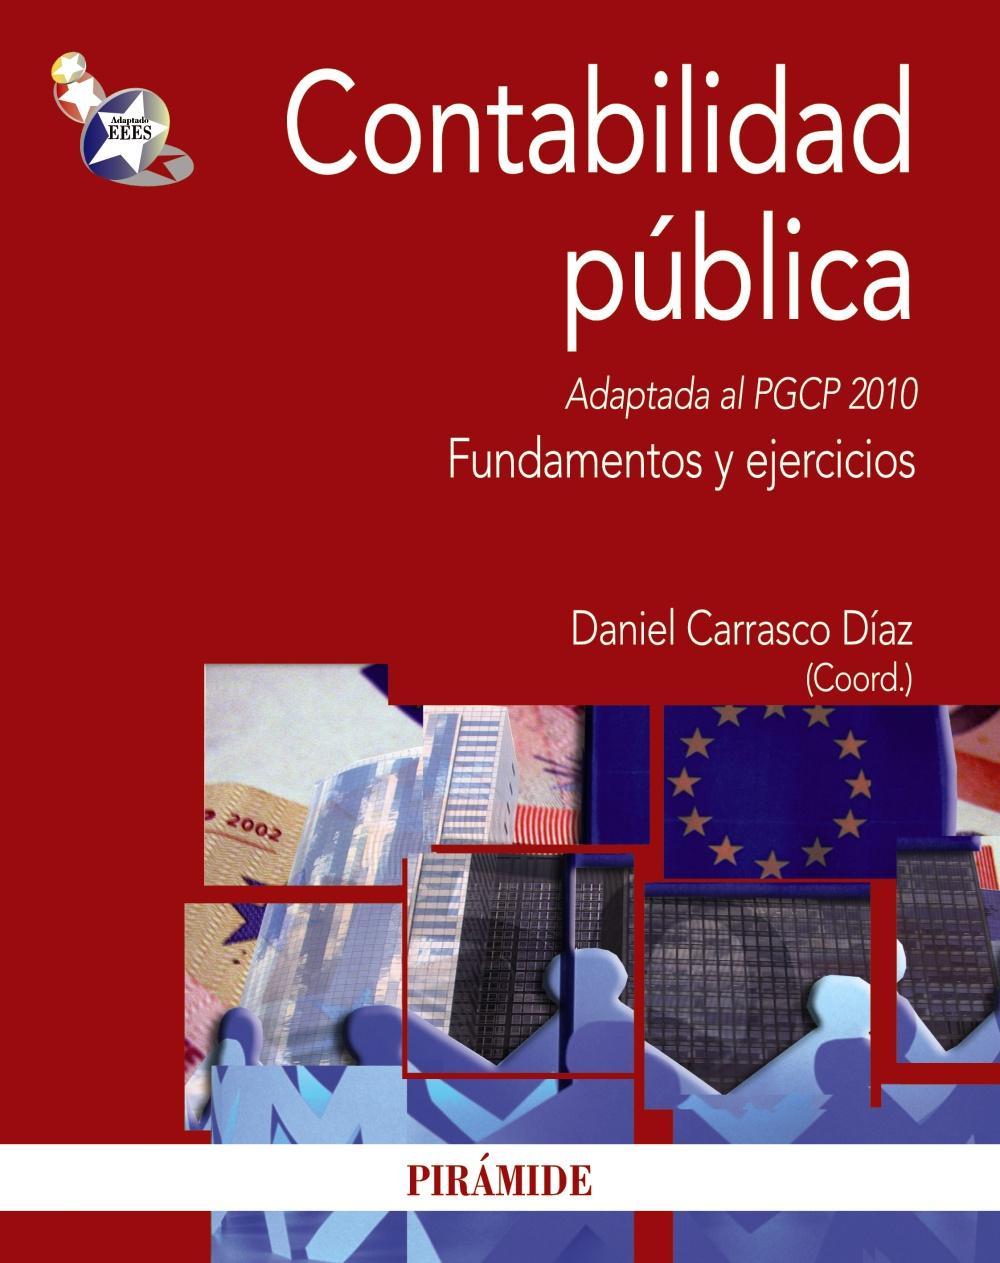 Resultado de imagen para Contabilidad pública: adaptada al PGCP 2010. Fundamentos y ejercicios